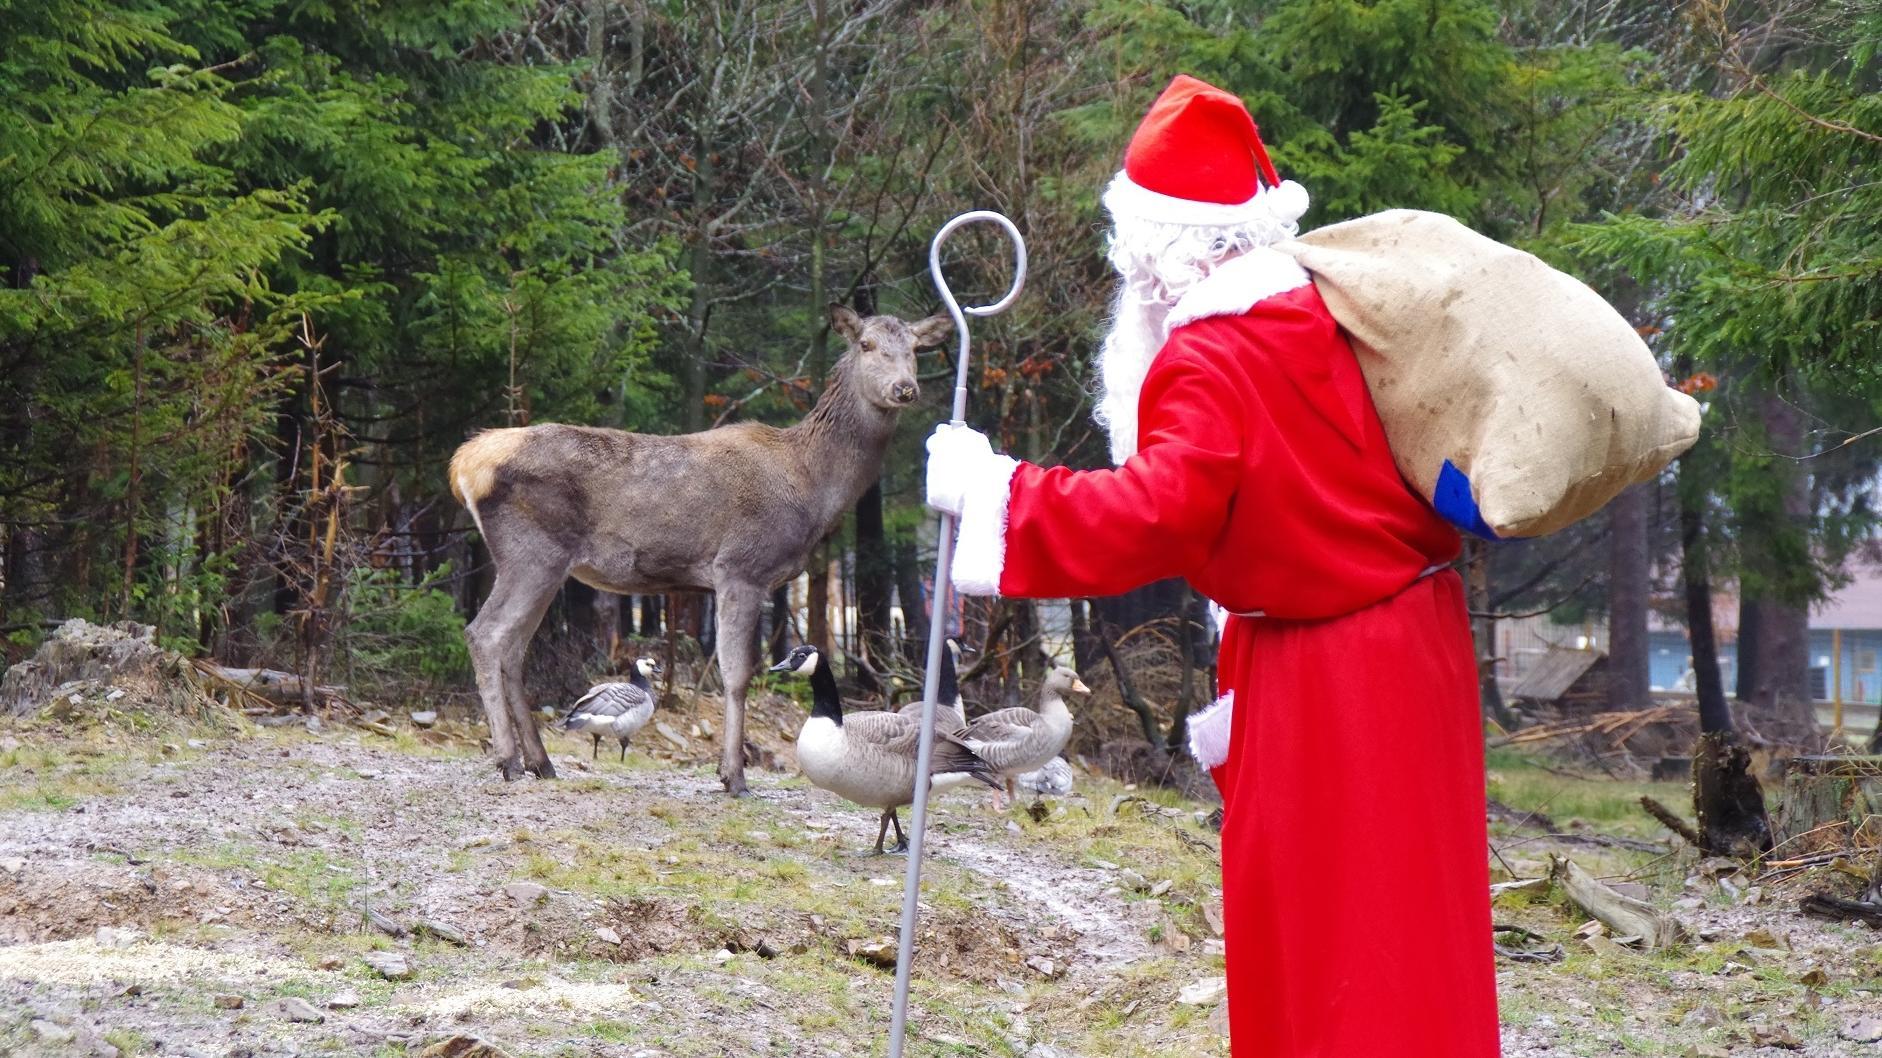 Ein Weihnachtsmann steht mit Stab und Geschenkesack im Wildpark.